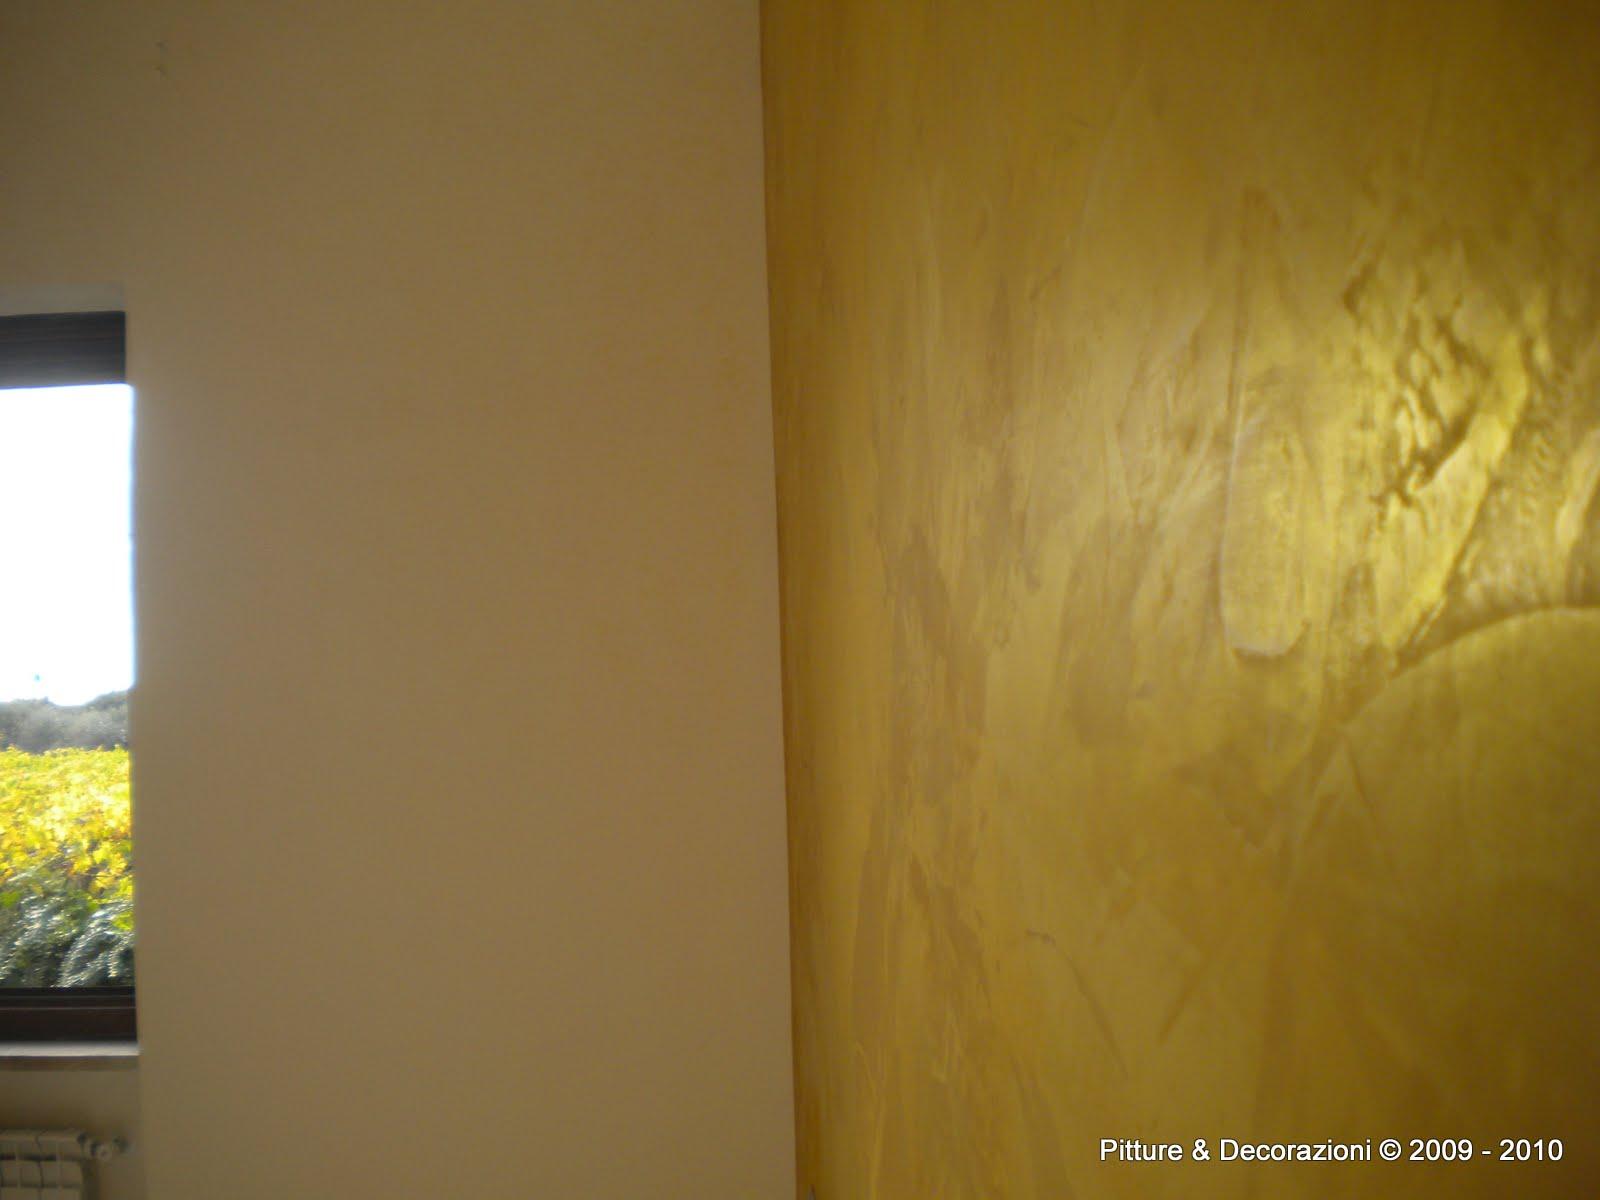 Pitture decorazioni oikos aureum for Oikos pitture cartella colori